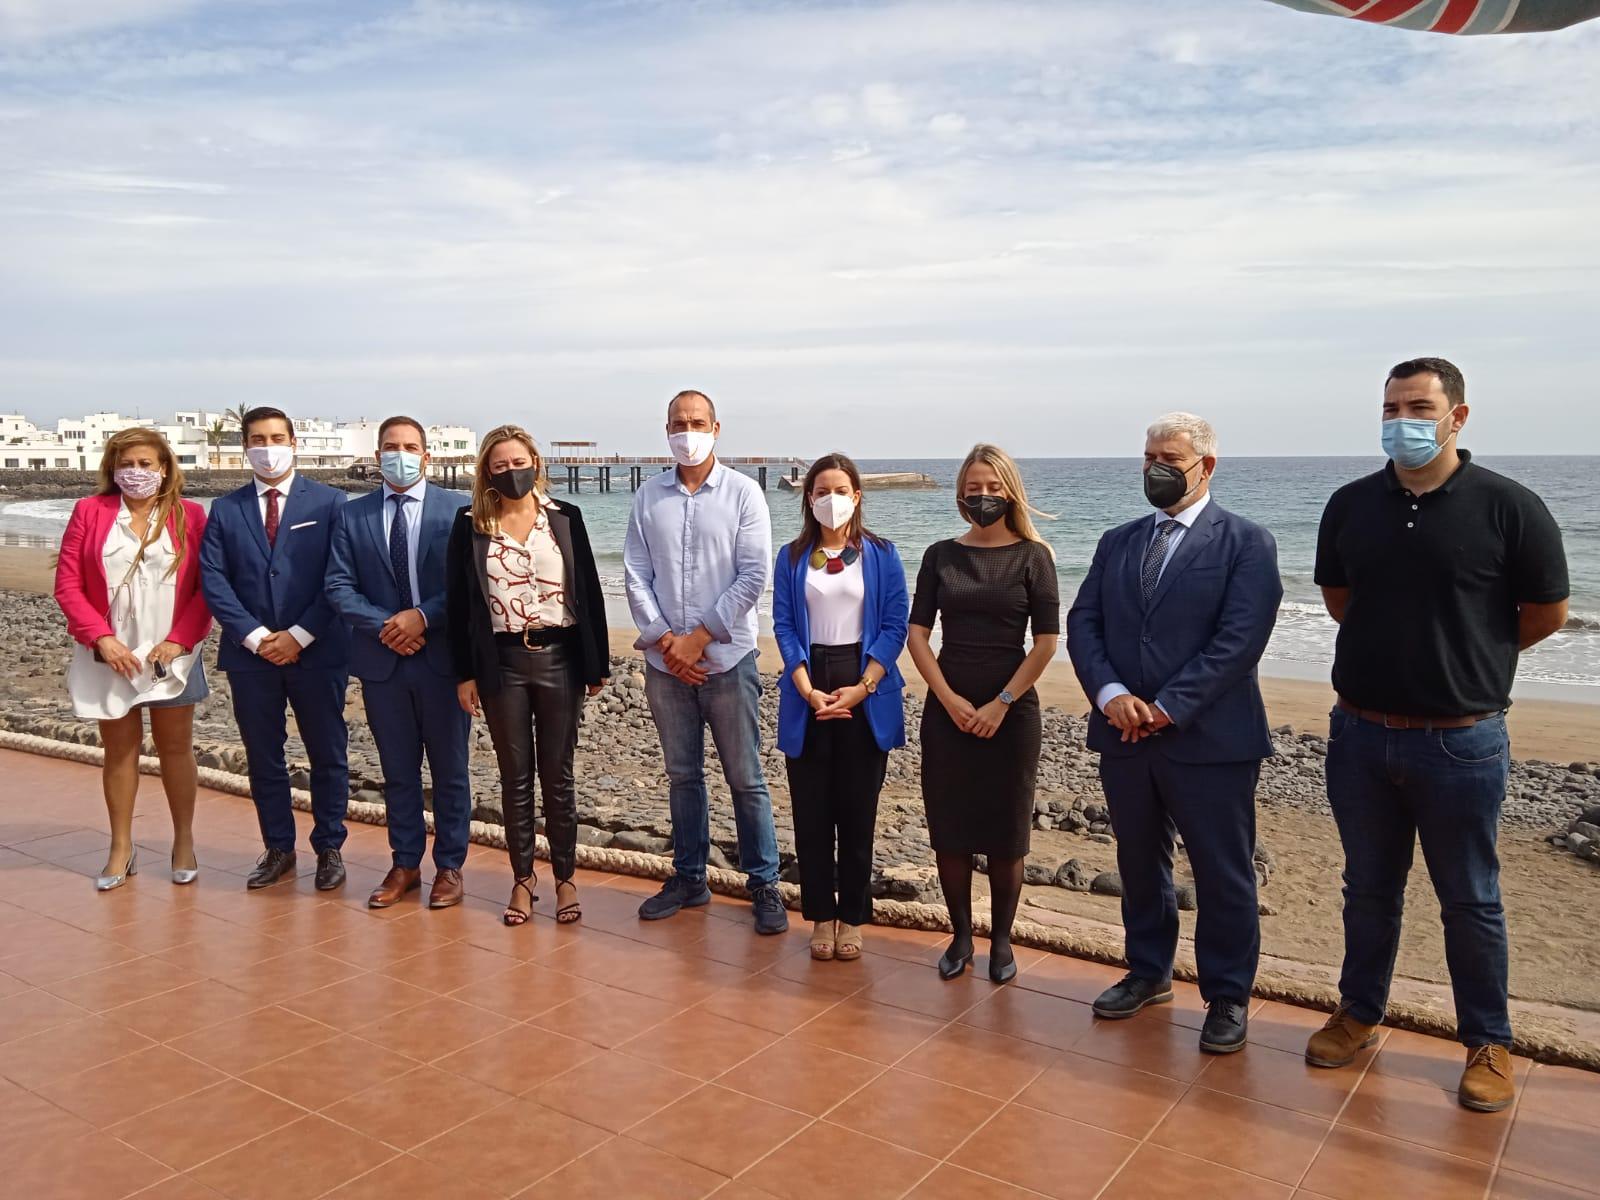 El Gobierno anuncia en Lanzarote el aumento de inversiones para estimular el turismo, la industria y el comercio